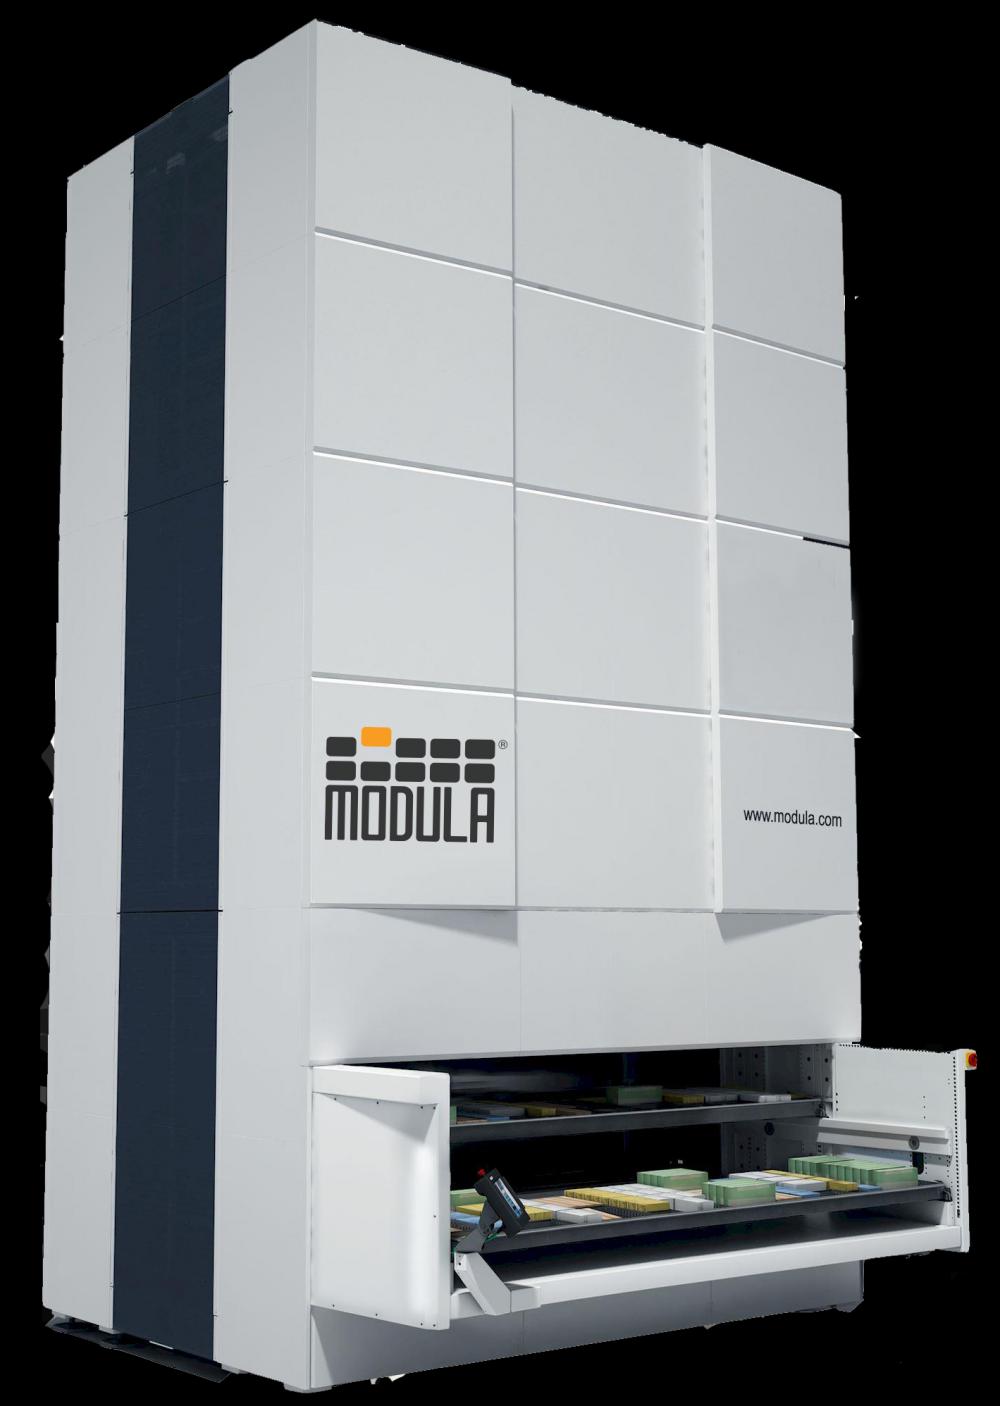 Modula自动立体货柜